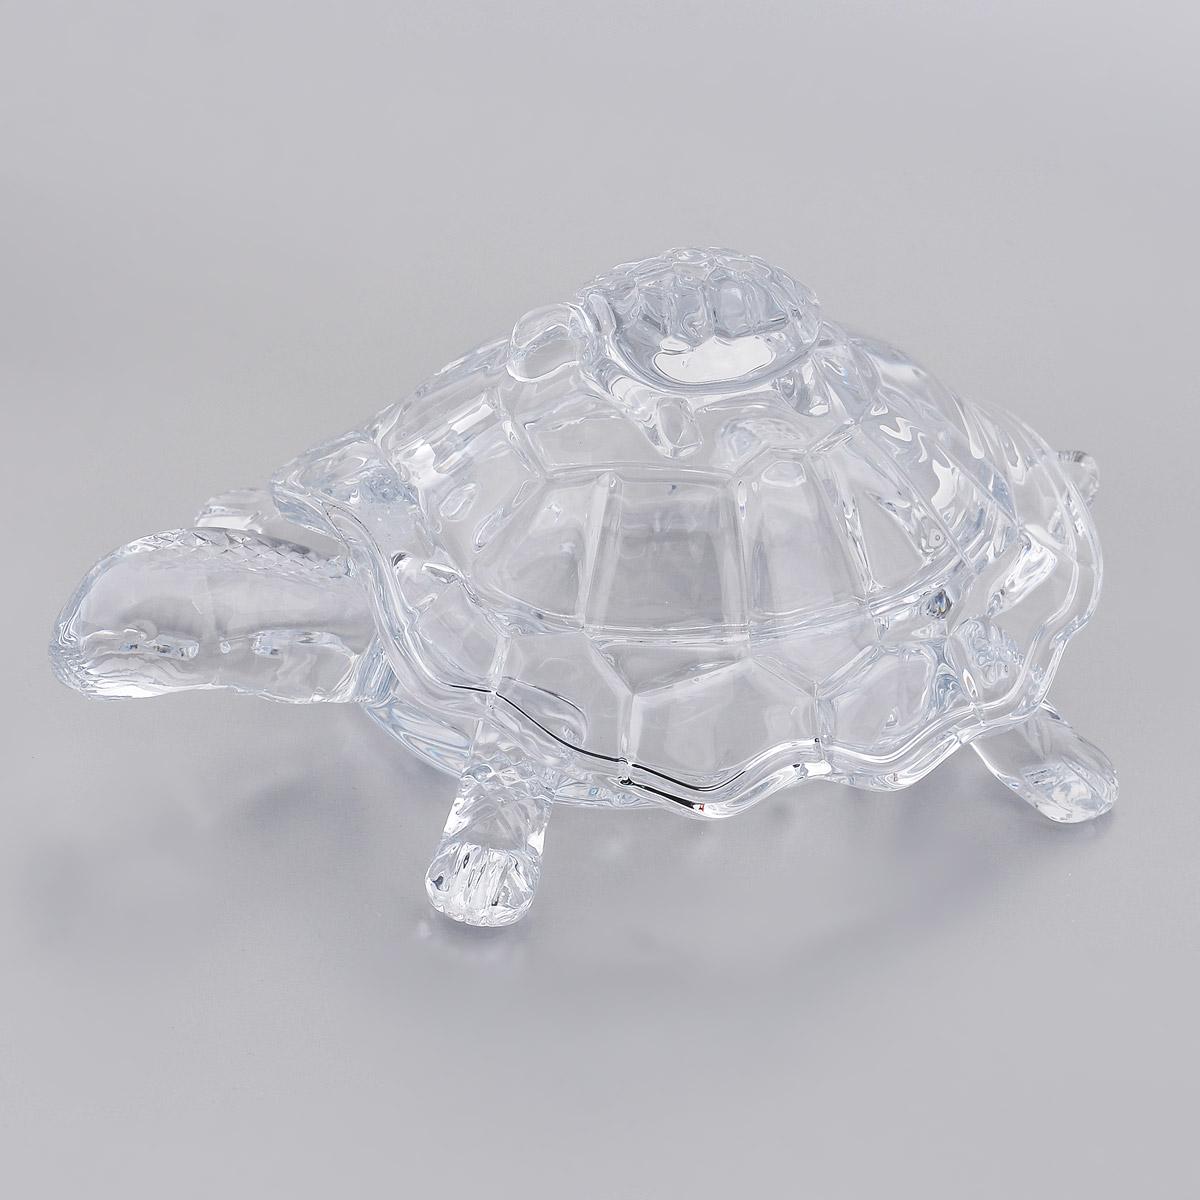 Шкатулка Crystalite Bohemia Черепаха58711/1/69711/265SШкатулка Crystalite Bohemia изготовлена из прочного утолщенного стекла кристалайт и оформлена изящным рельефом. Шкатулка выполнена в виде черепахи. Шкатулка красиво переливается и излучает приятный блеск. Прекрасно подходит для хранения мелких вещиц, также прекрасно послужит в качестве вазы для хранения конфет и всяких сладостей. Шкатулка оснащена крышкой в виде панциря. Шкатулка Crystalite Bohemia Черепаха - это изысканное украшение праздничного стола, интерьера кухни или комнаты. Такая шкатулка станет желанным и стильным подарком.Нельзя мыть в посудомоечной машине. Размер шкатулки (с учетом крышки): 26,5 см х 16 см х 12,5 см.Размер шкатулки (без учета крышки): 26,5 см х 16 см х 5 см.